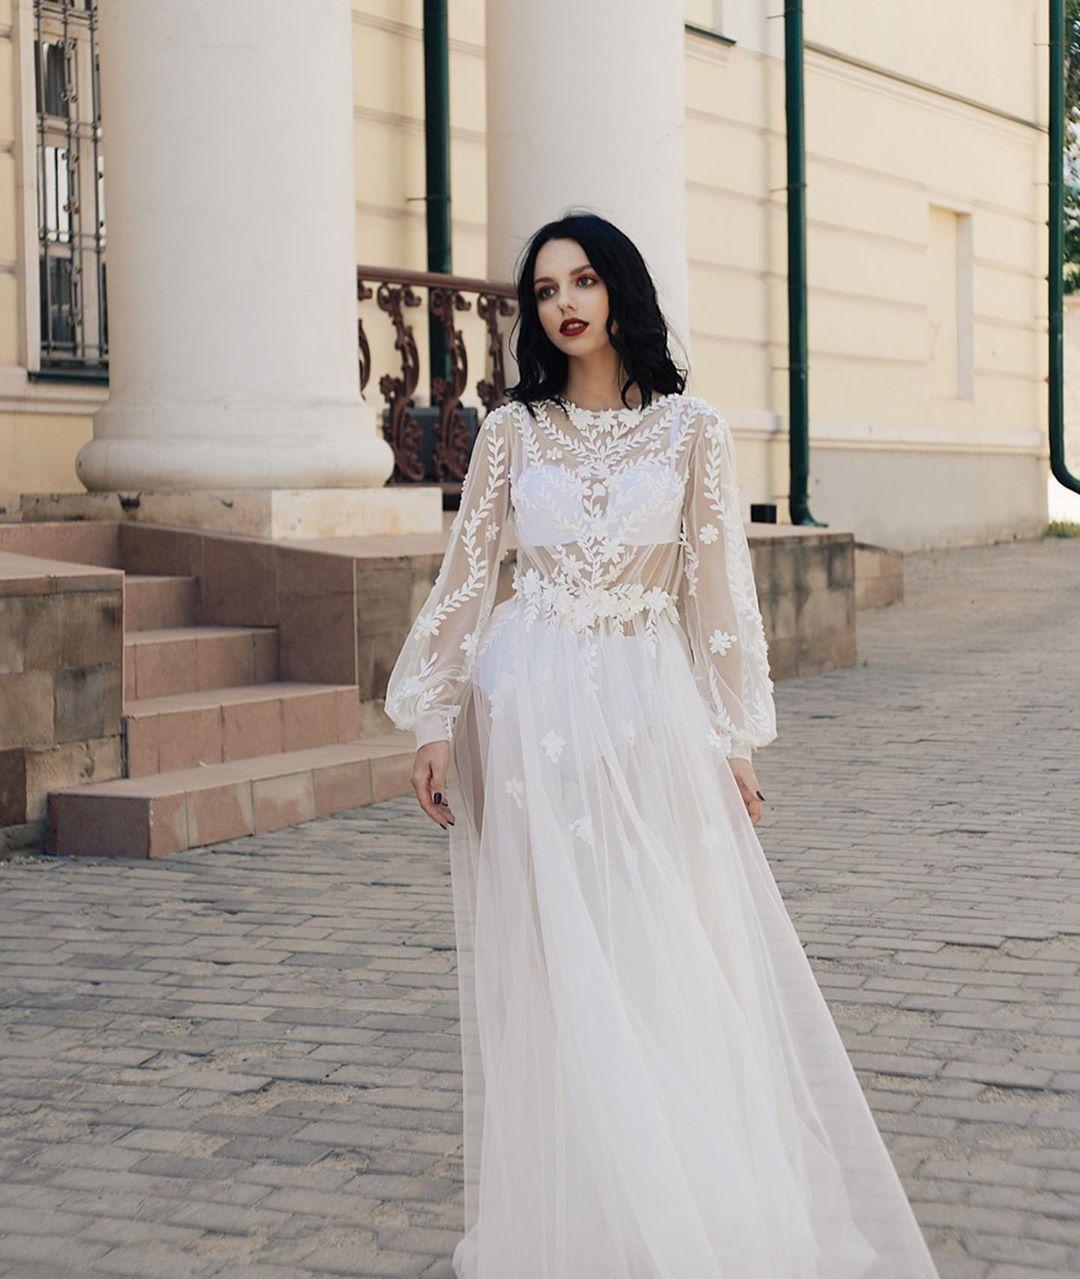 Школьница пришла на выпускной в полностью прозрачном платье из свадебного салона